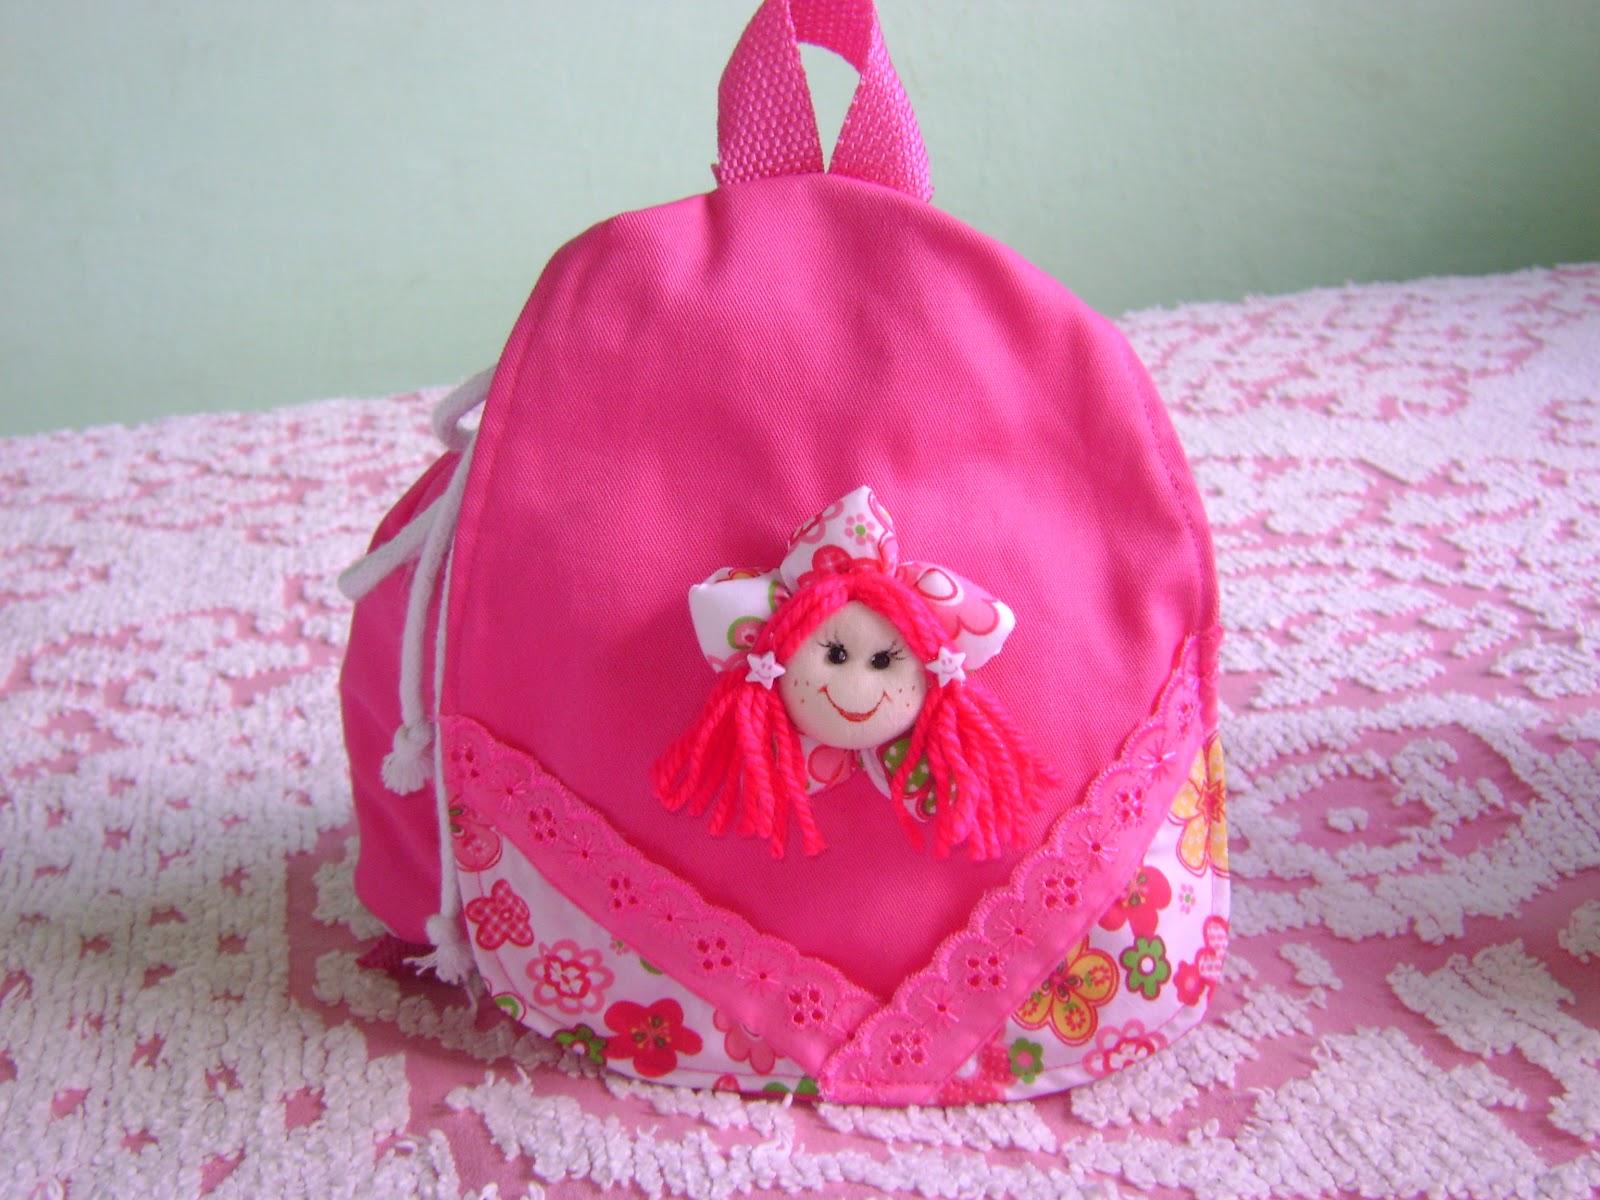 Bolsa De Tecido Infantil : Artesanato com amor bolsas de tecido infantil